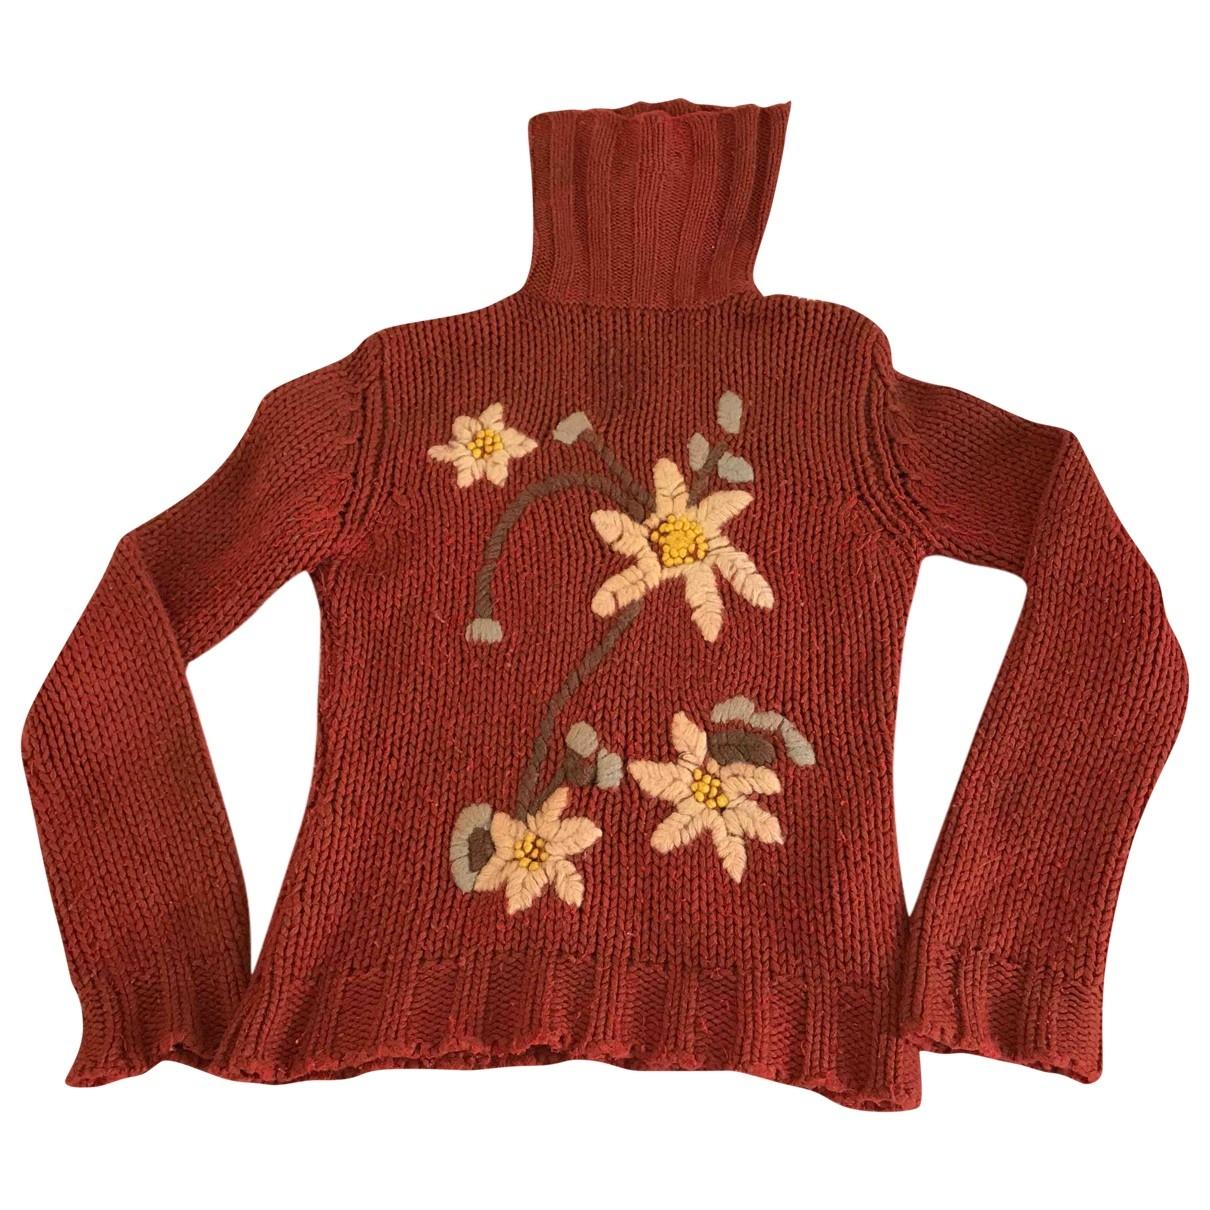 D&g - Pull   pour femme en laine - multicolore